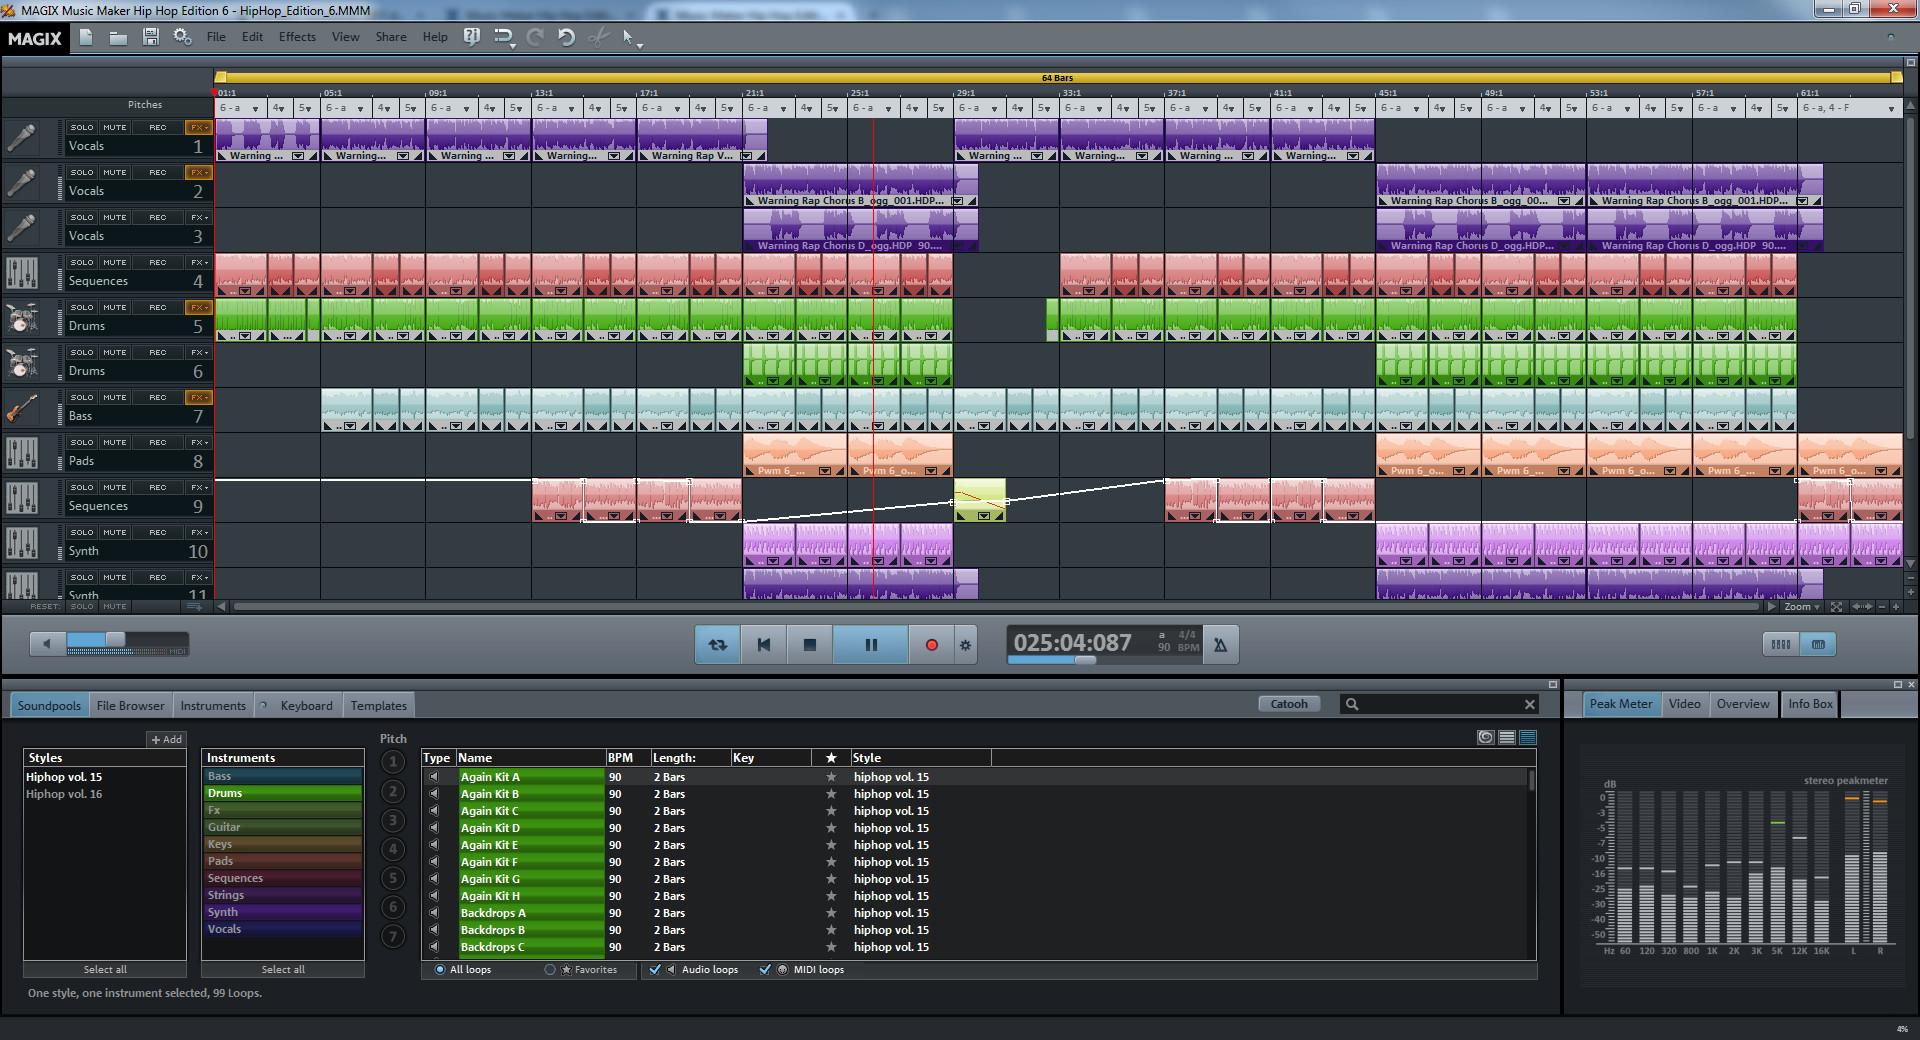 MAGIX Music Maker Hip Hop Edition 6 screenshot